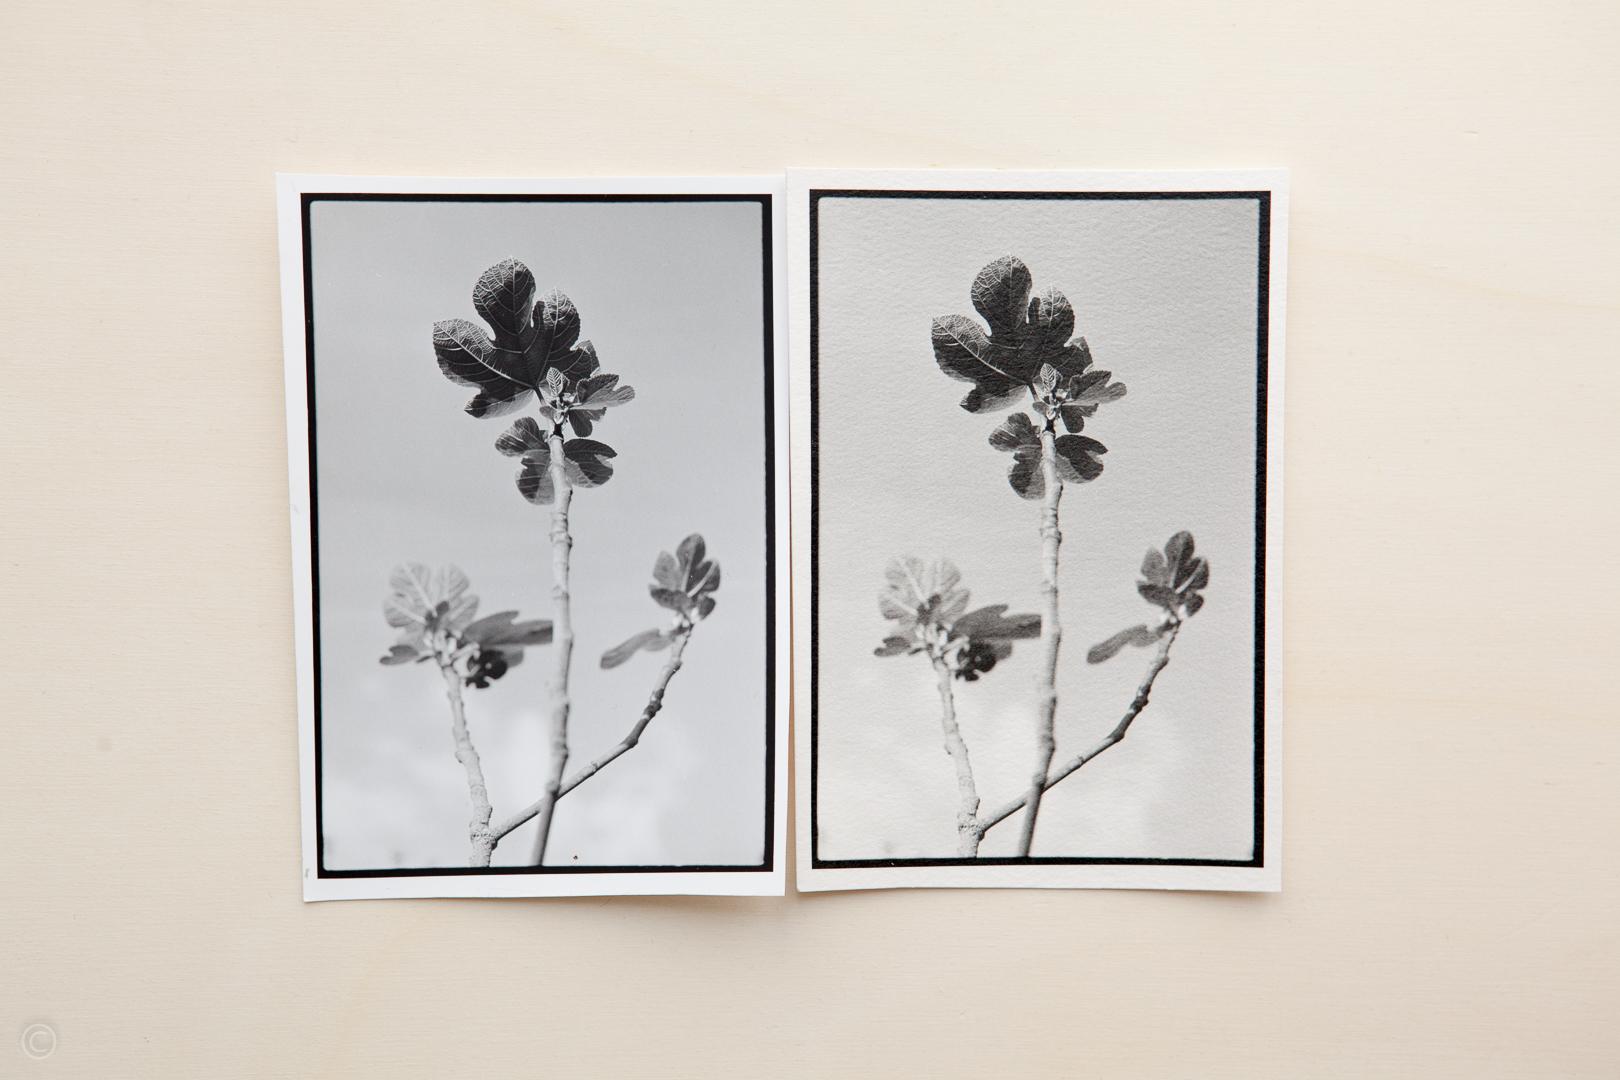 Silver gelatin photo paper comparison Fomabrom Matt vs Ilford Art 300 003